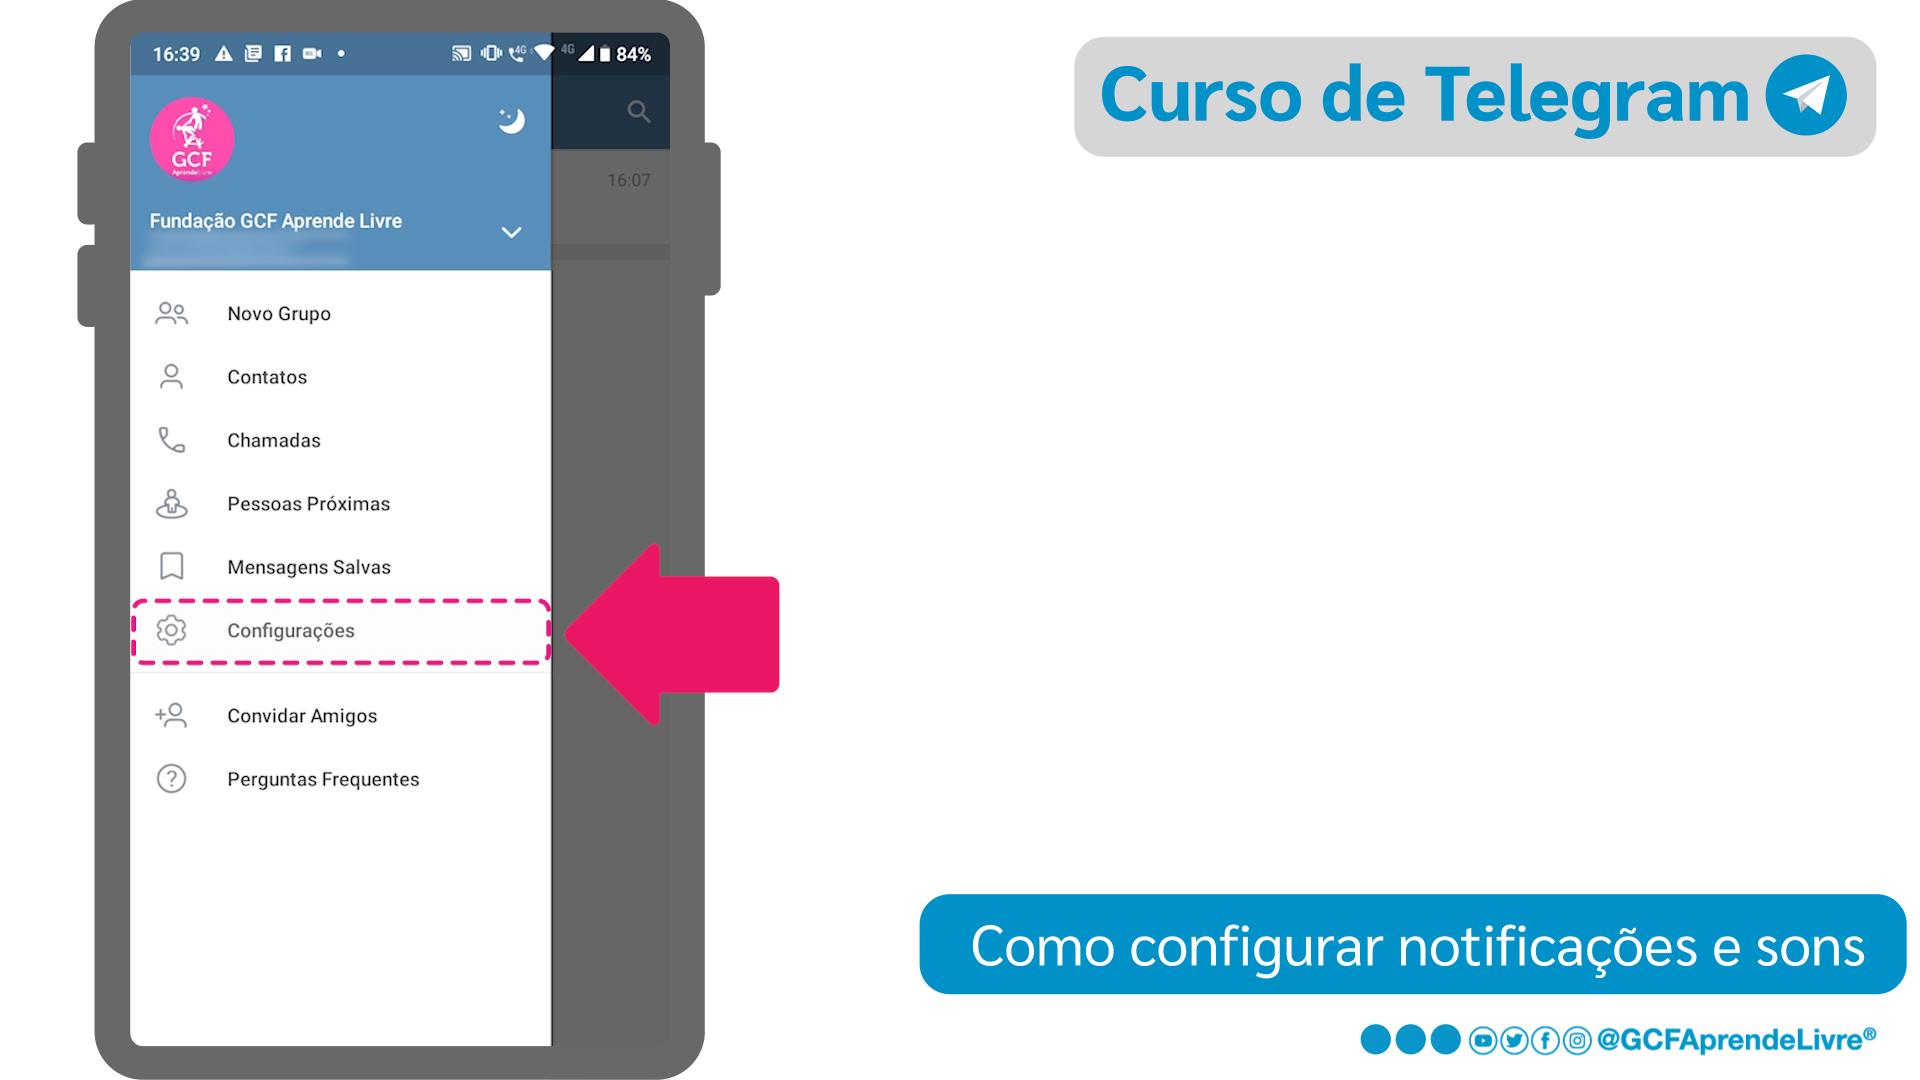 Como configurar notificações e sons do Telegram: passo 2